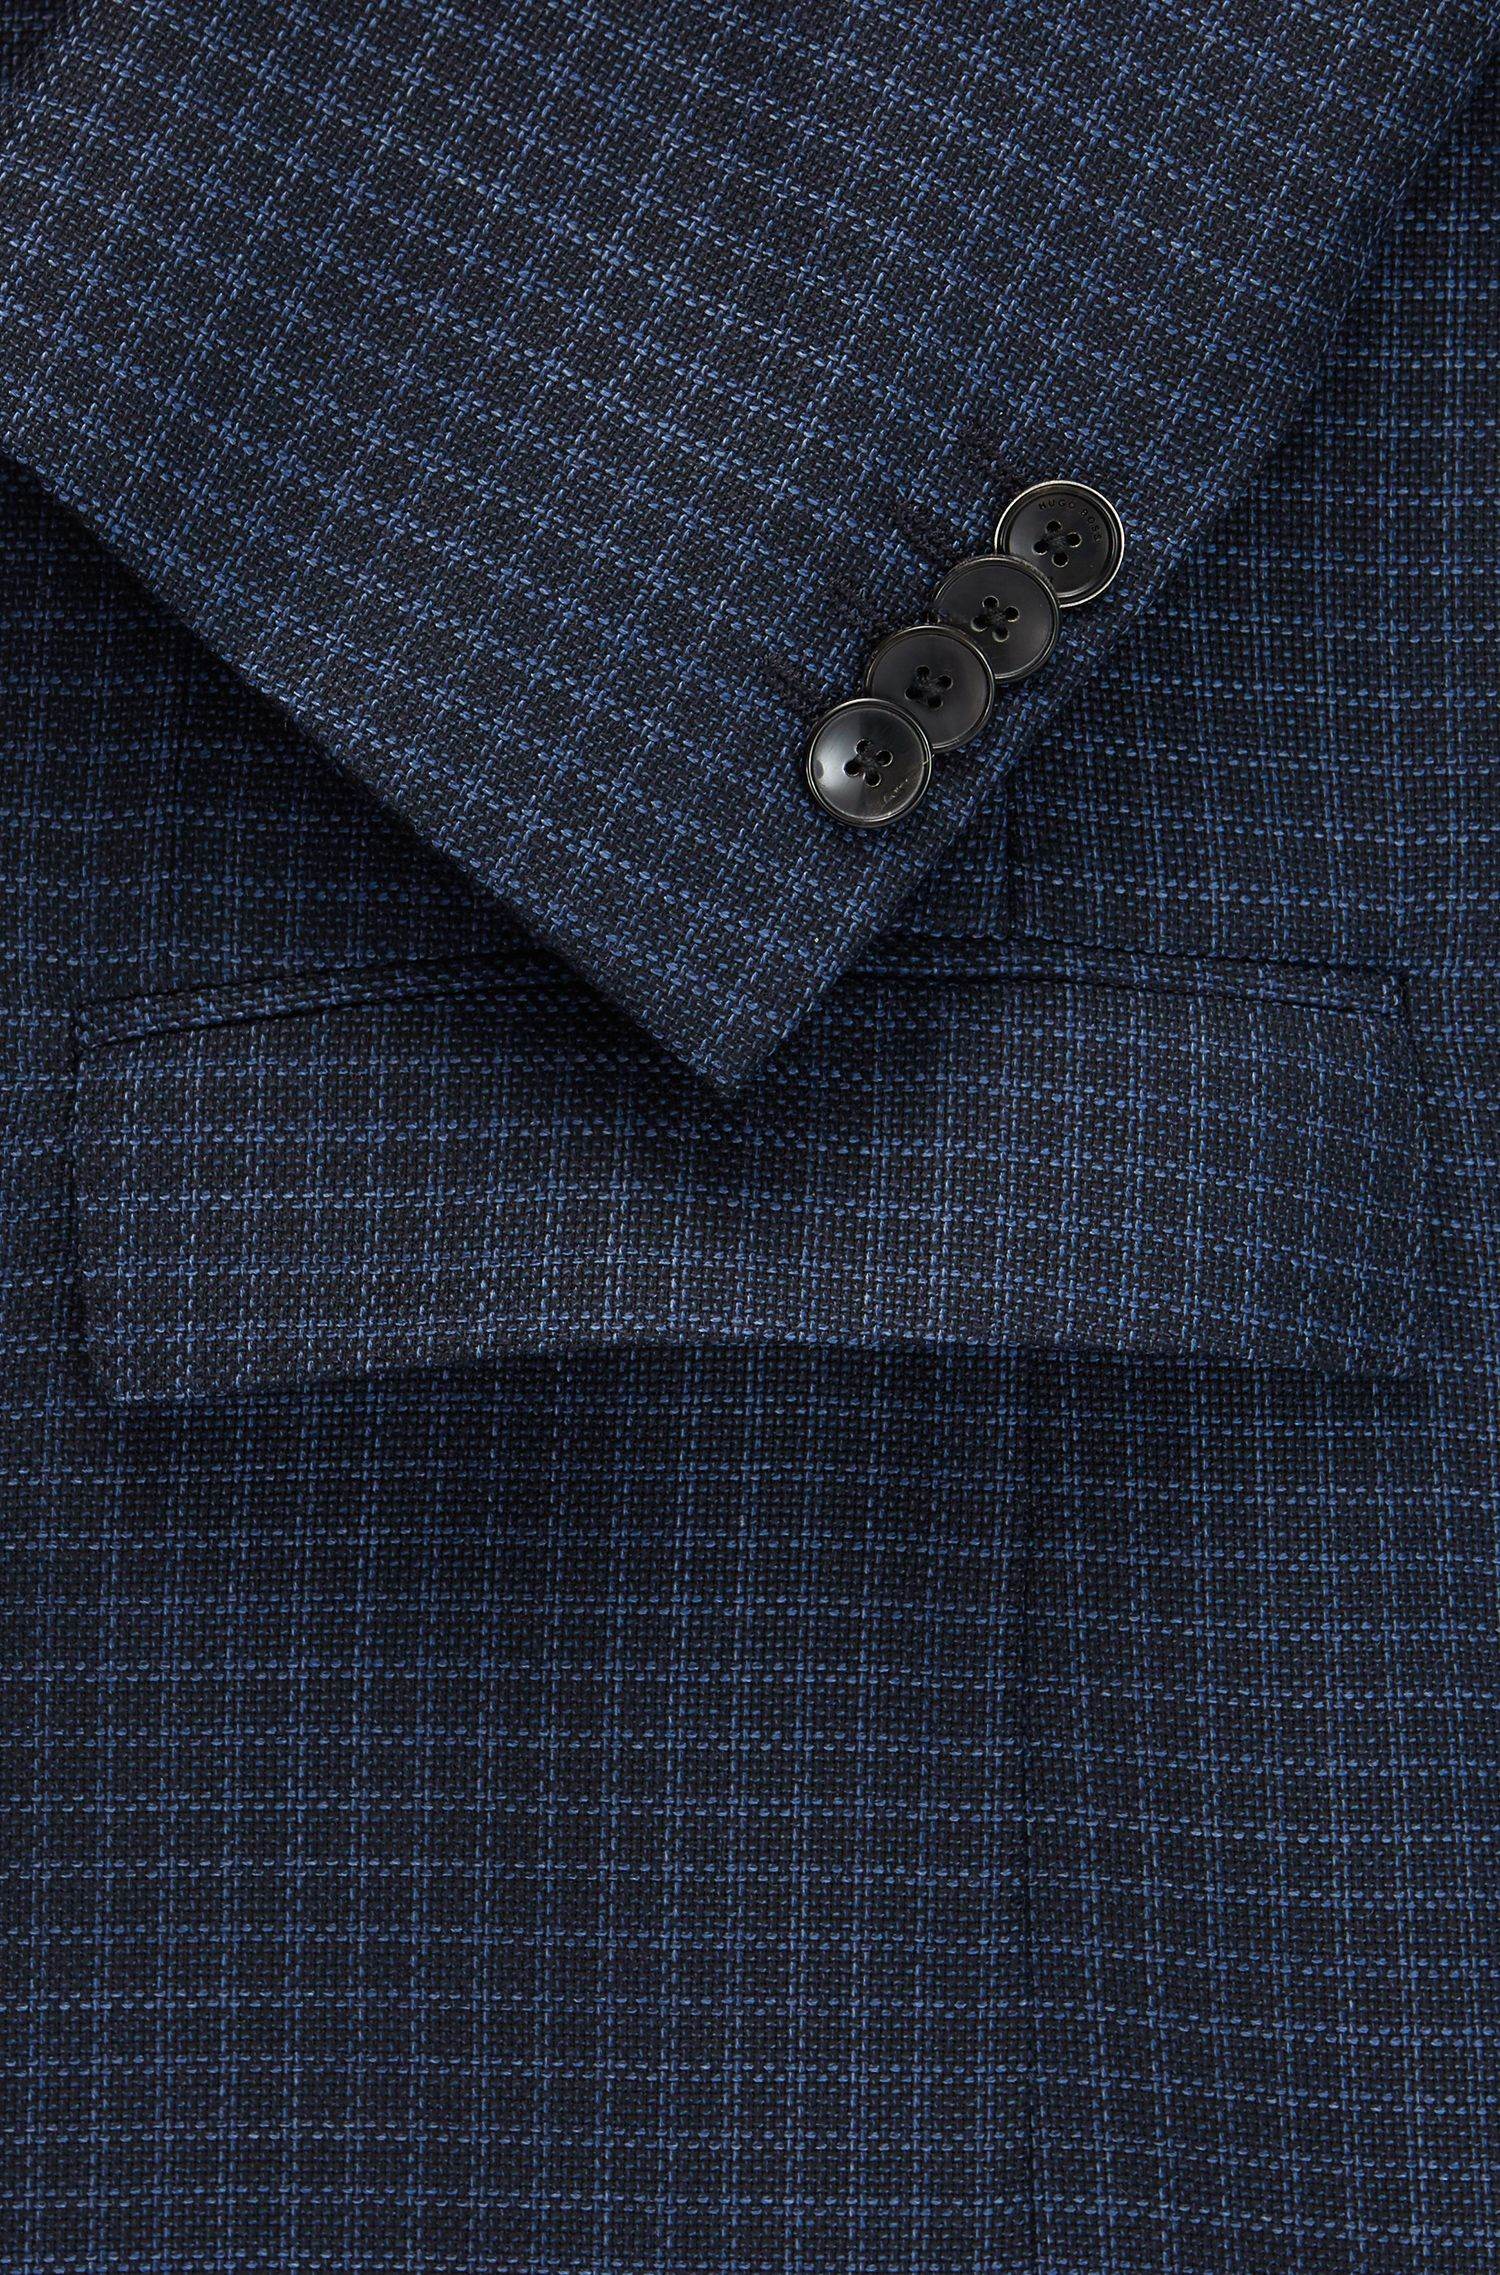 Grid Check italian Virgin Wool Sport Coat, Slim Fit | Nobis, Dark Blue